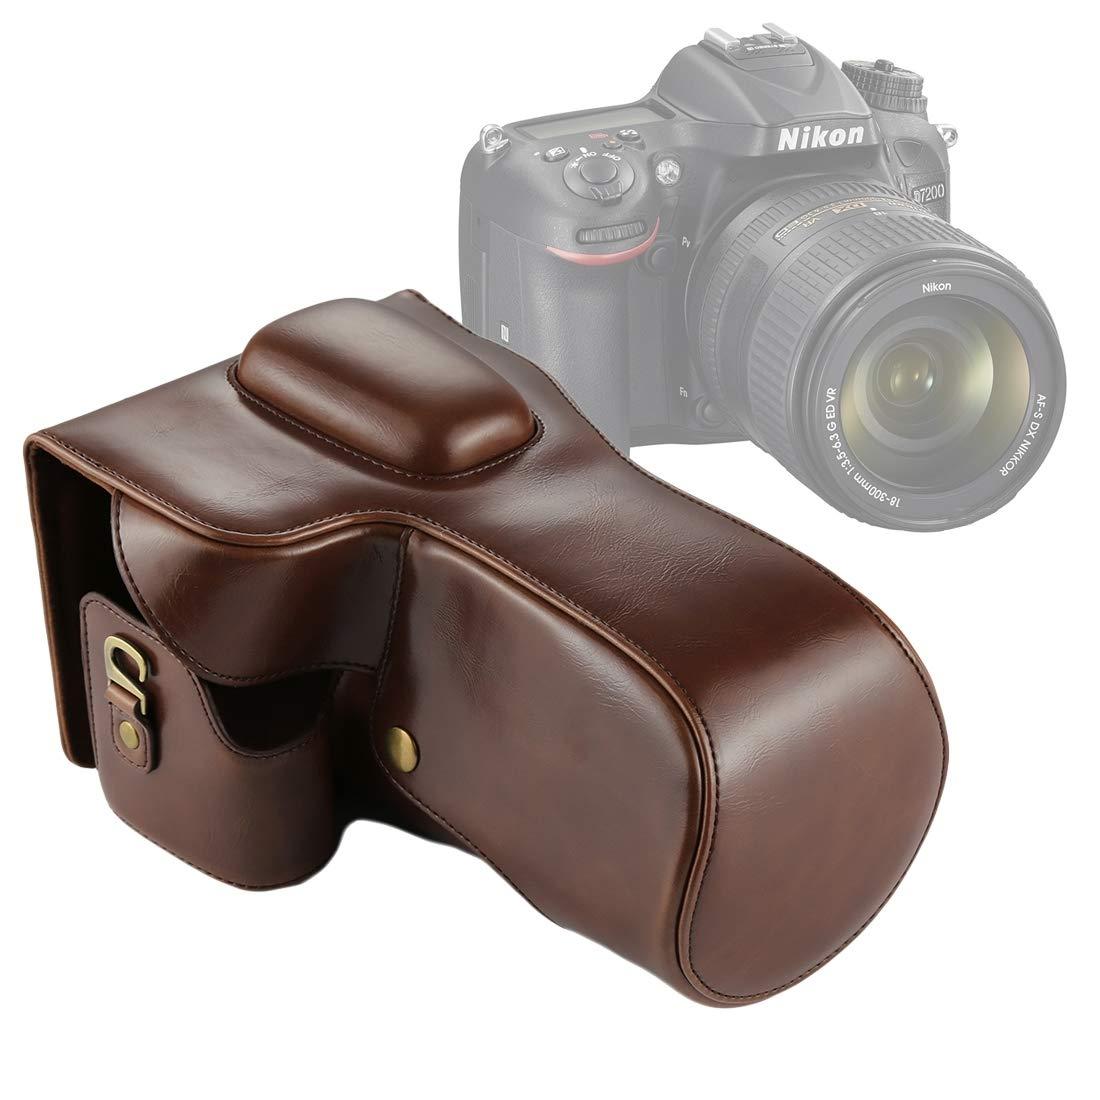 Dig ドッグボーン カメラケース フルボディカメラ PUレザーケースバッグ Nikon D7200/D7100/D7000用, ブラウン, DCA2321Z B07L9578S5 ブラウン